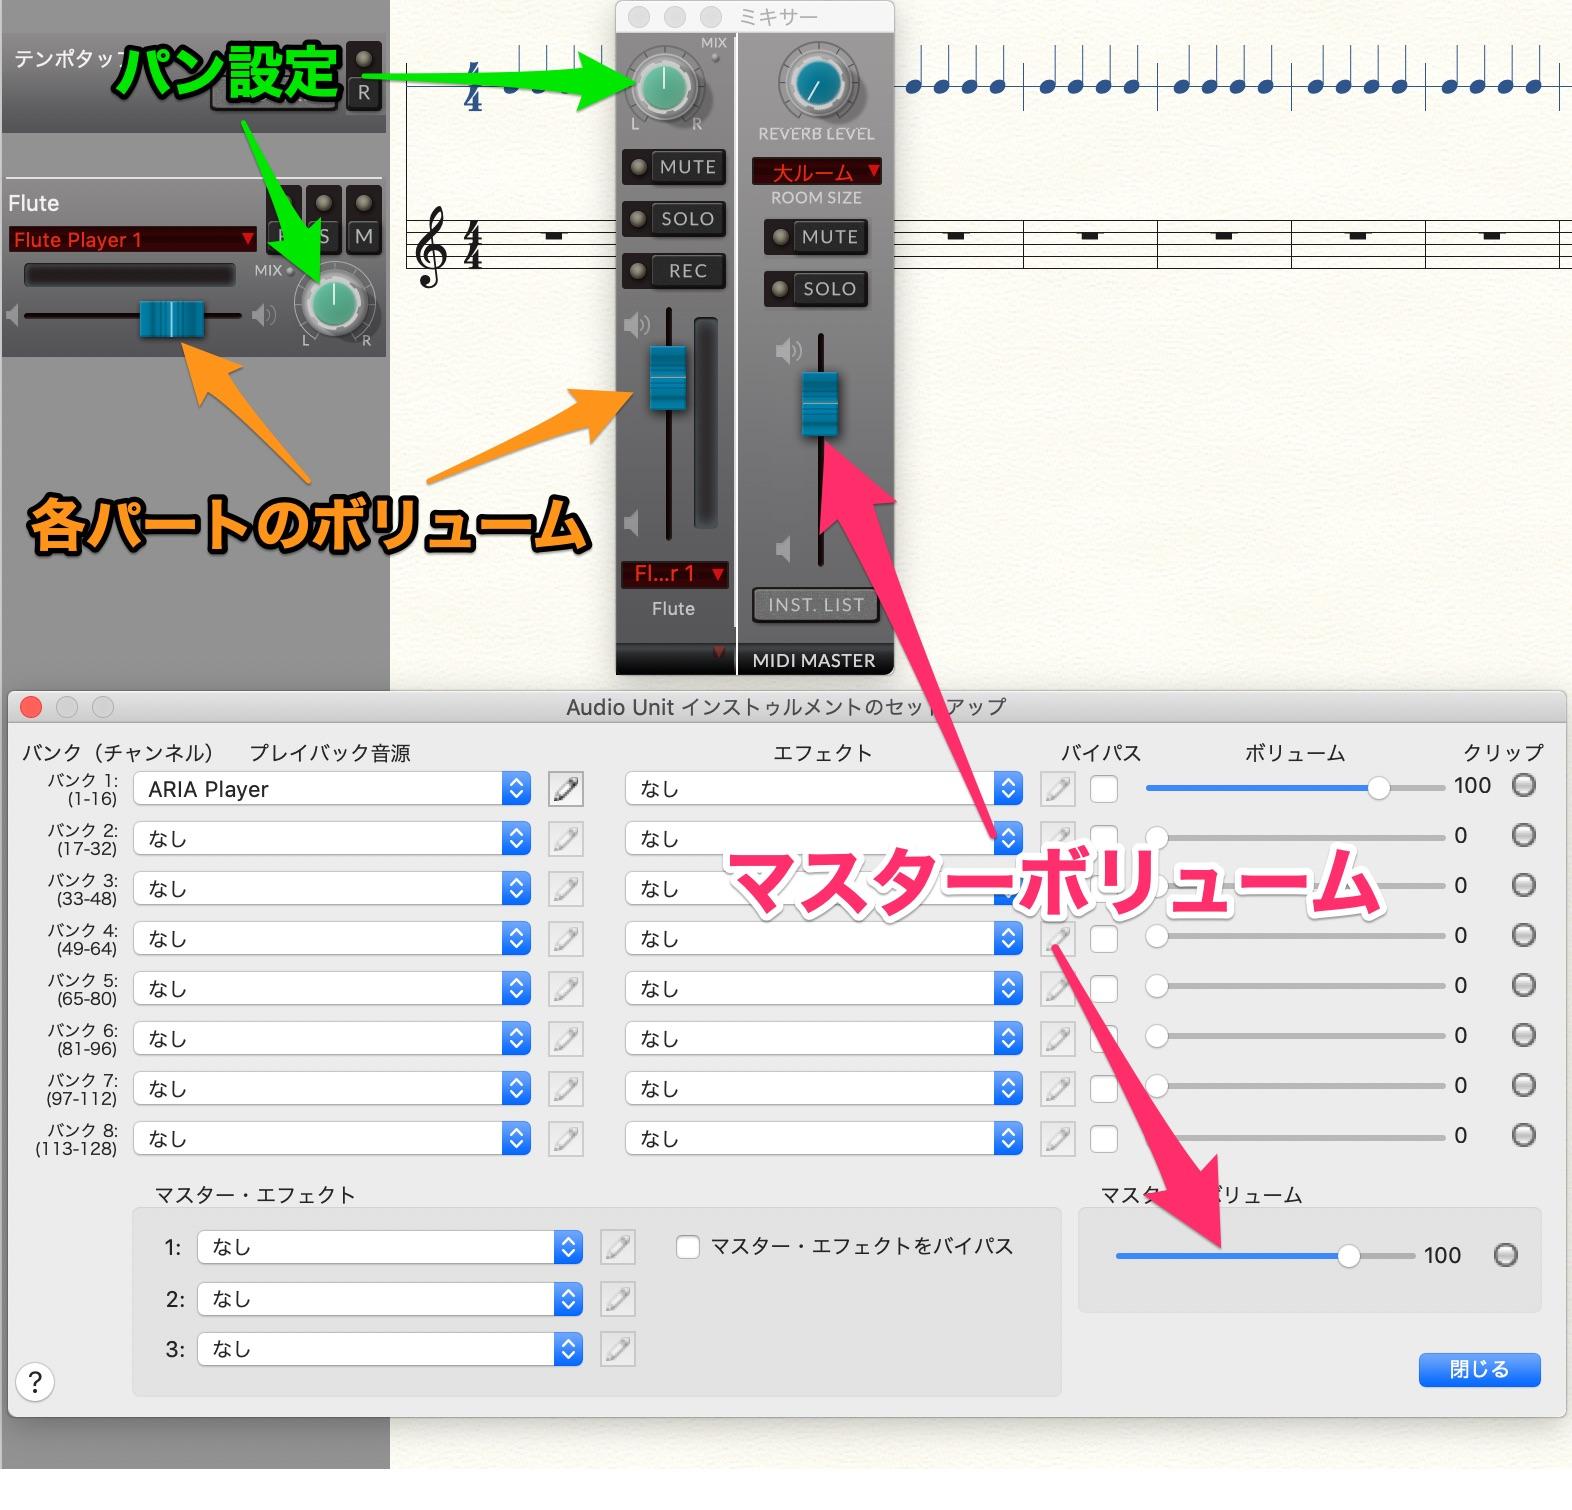 Audio Units、ミキサー、スタジオ表示のフェーダー関係